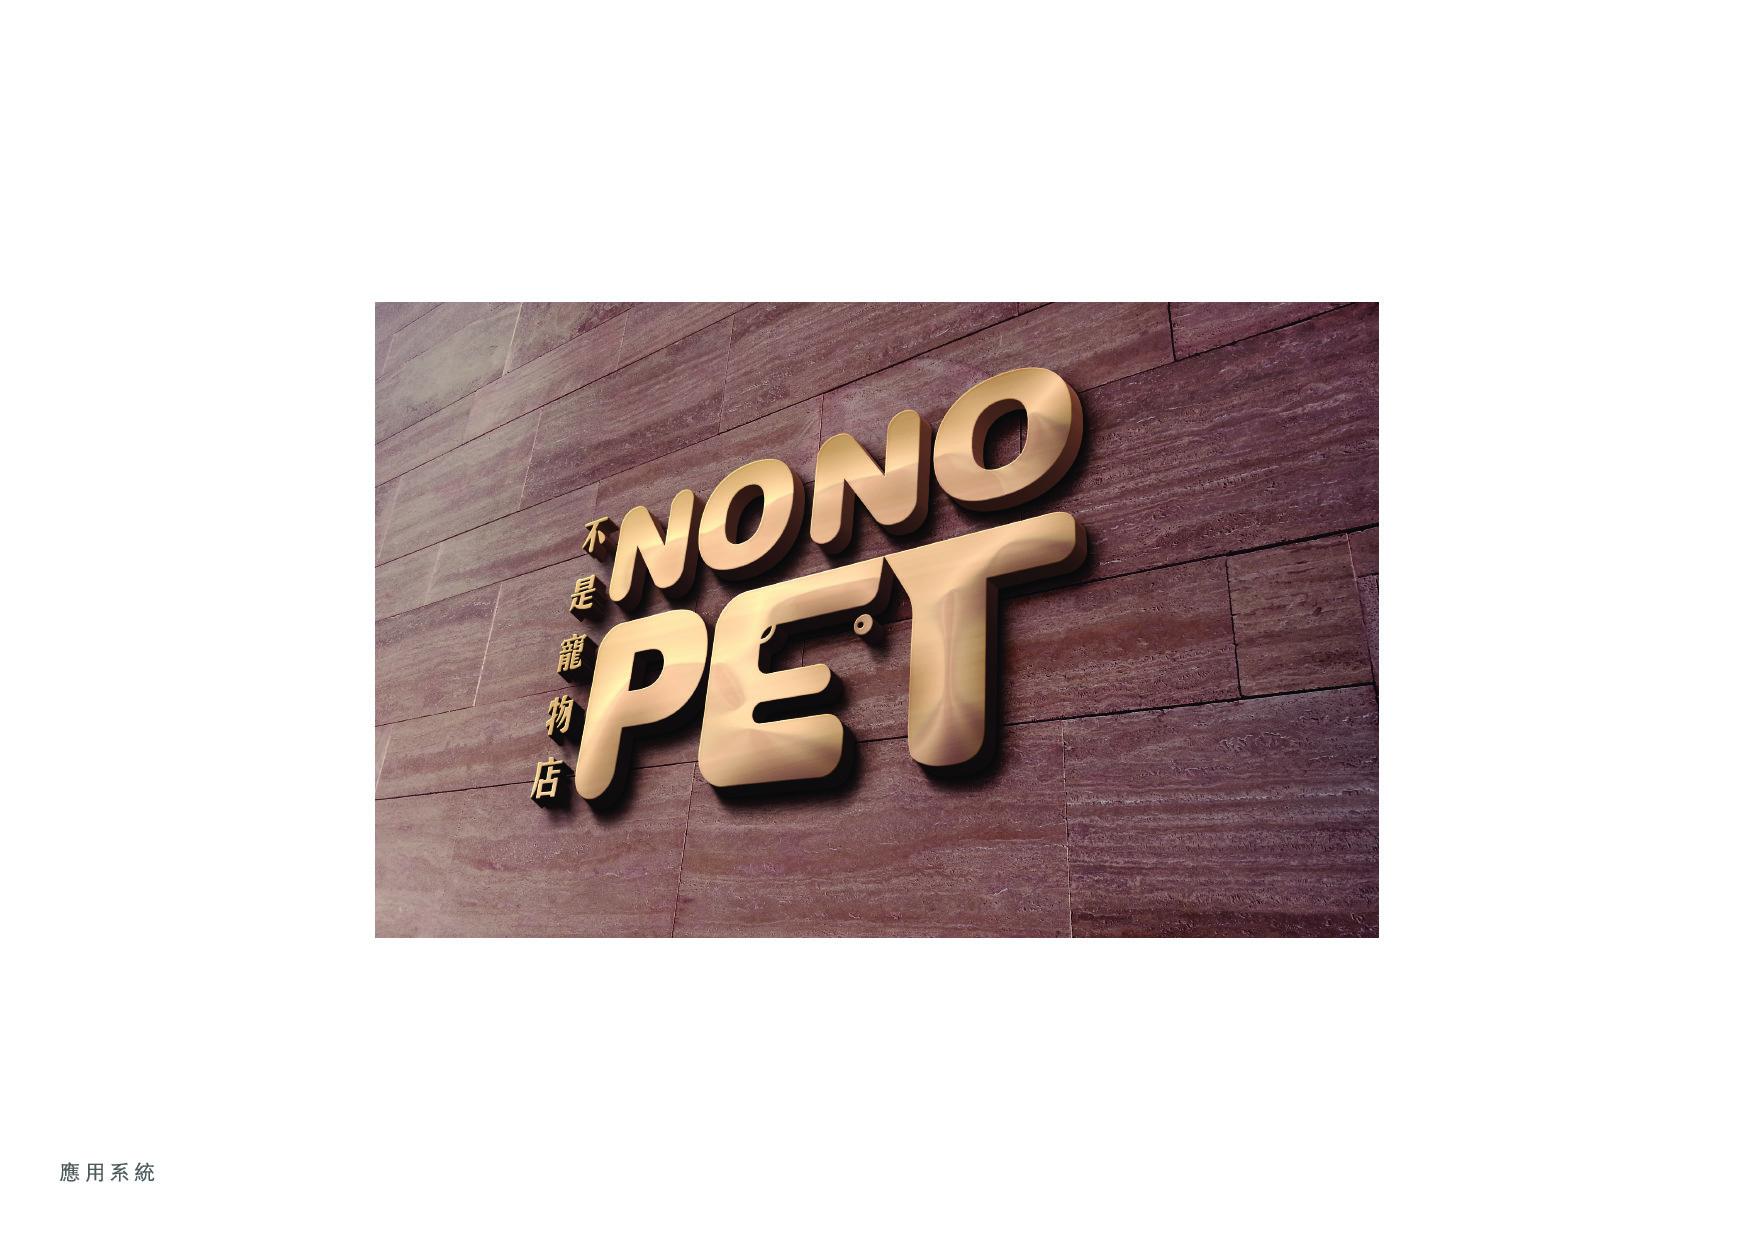 4_不是寵物店提案_p022